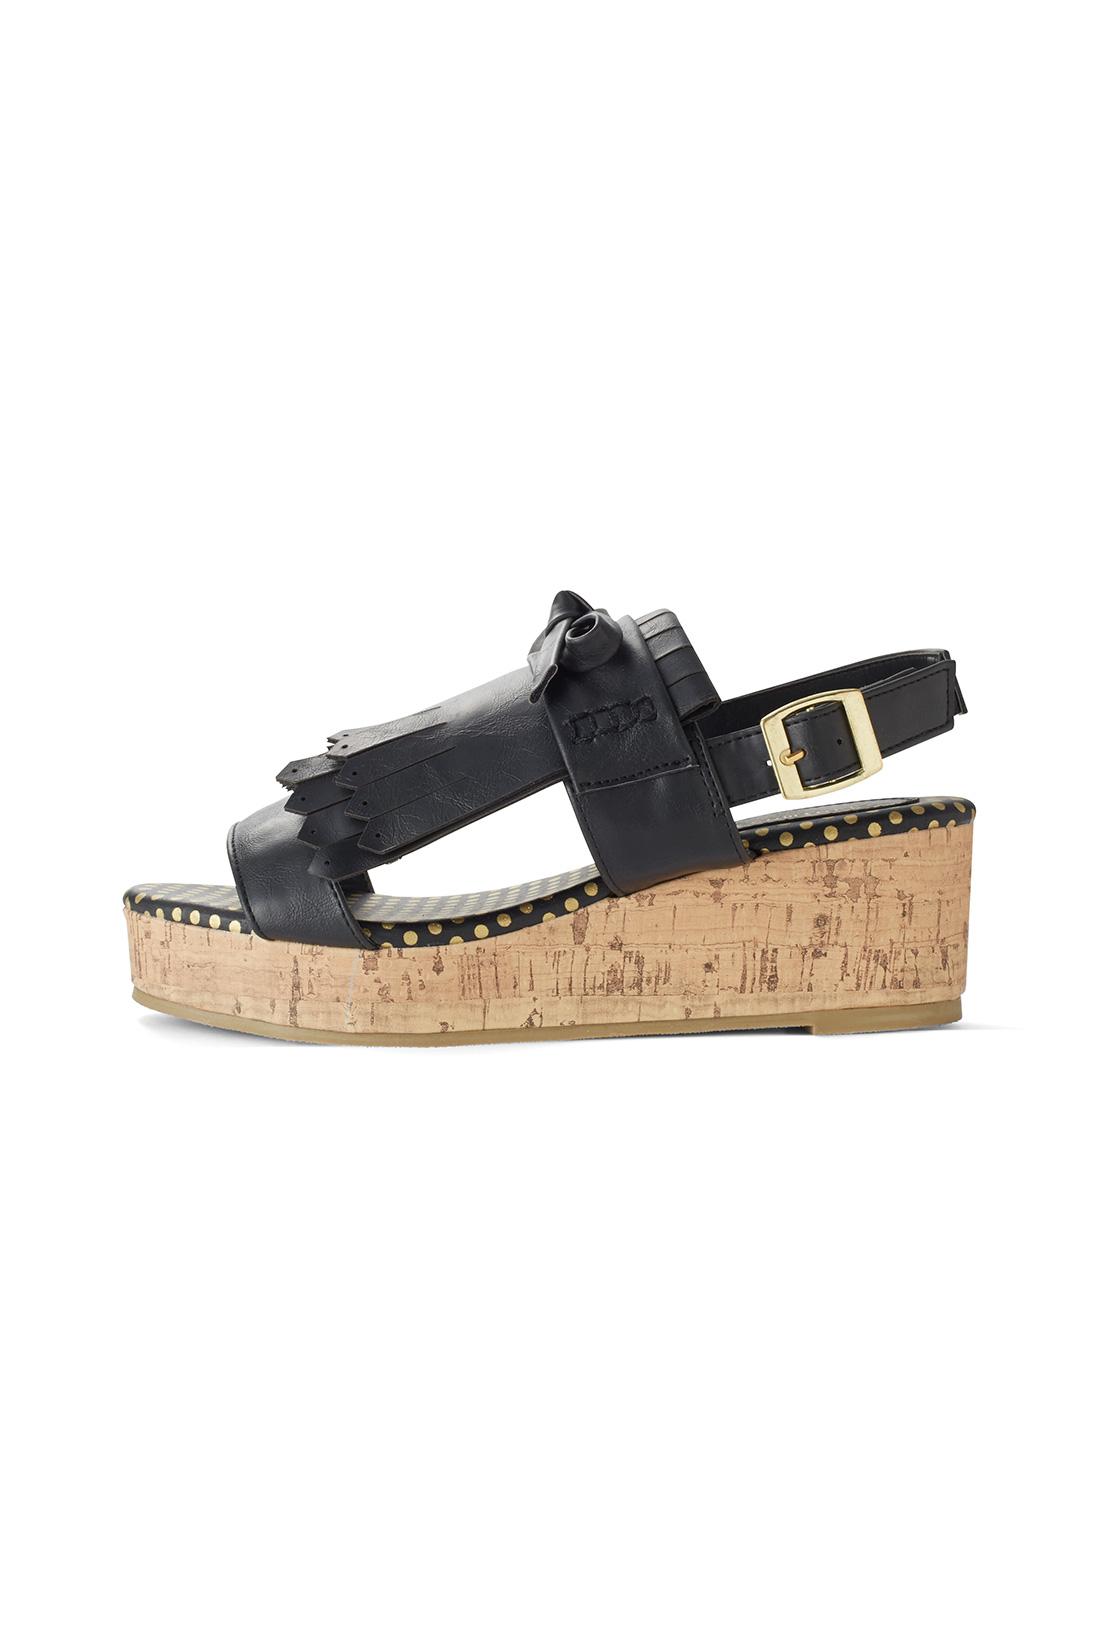 ウェッジソールは、前後の高低差が少ない仕様。スラリ脚長に見えて、安定感もあり歩きやすい。(前の高さ:約2.3cm・ヒールの高さ:約5.3~5.5cm)※お届けするカラーとは異なります。